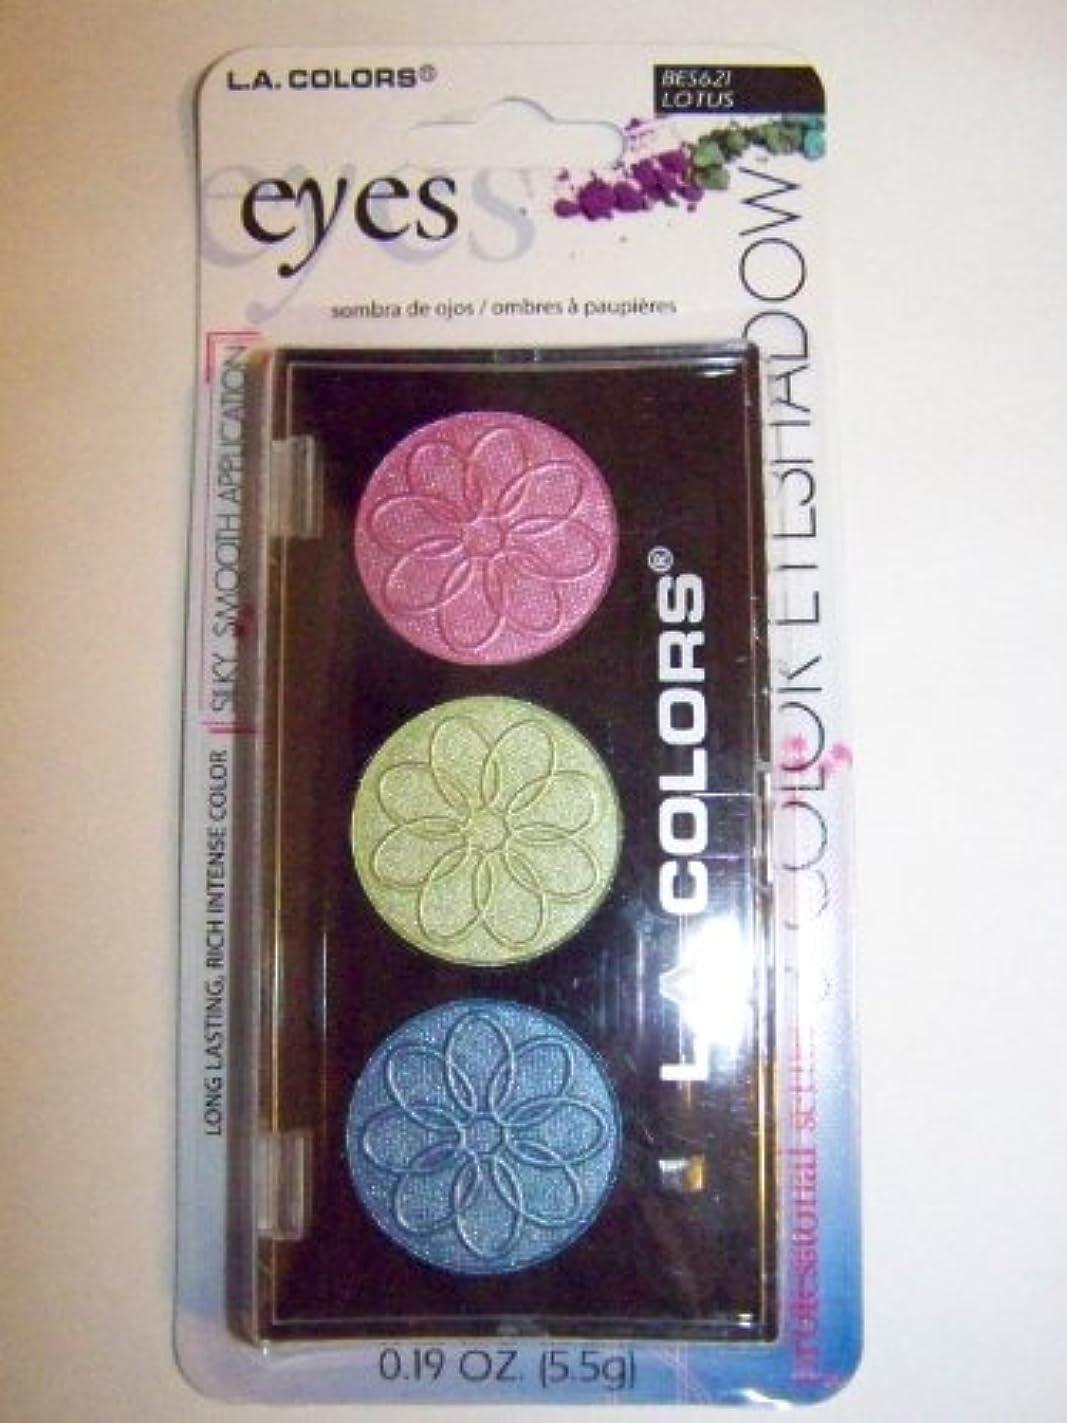 マーキー今上回るL.A. COLORS 3 Color Eyeshadow - Lotus (並行輸入品)